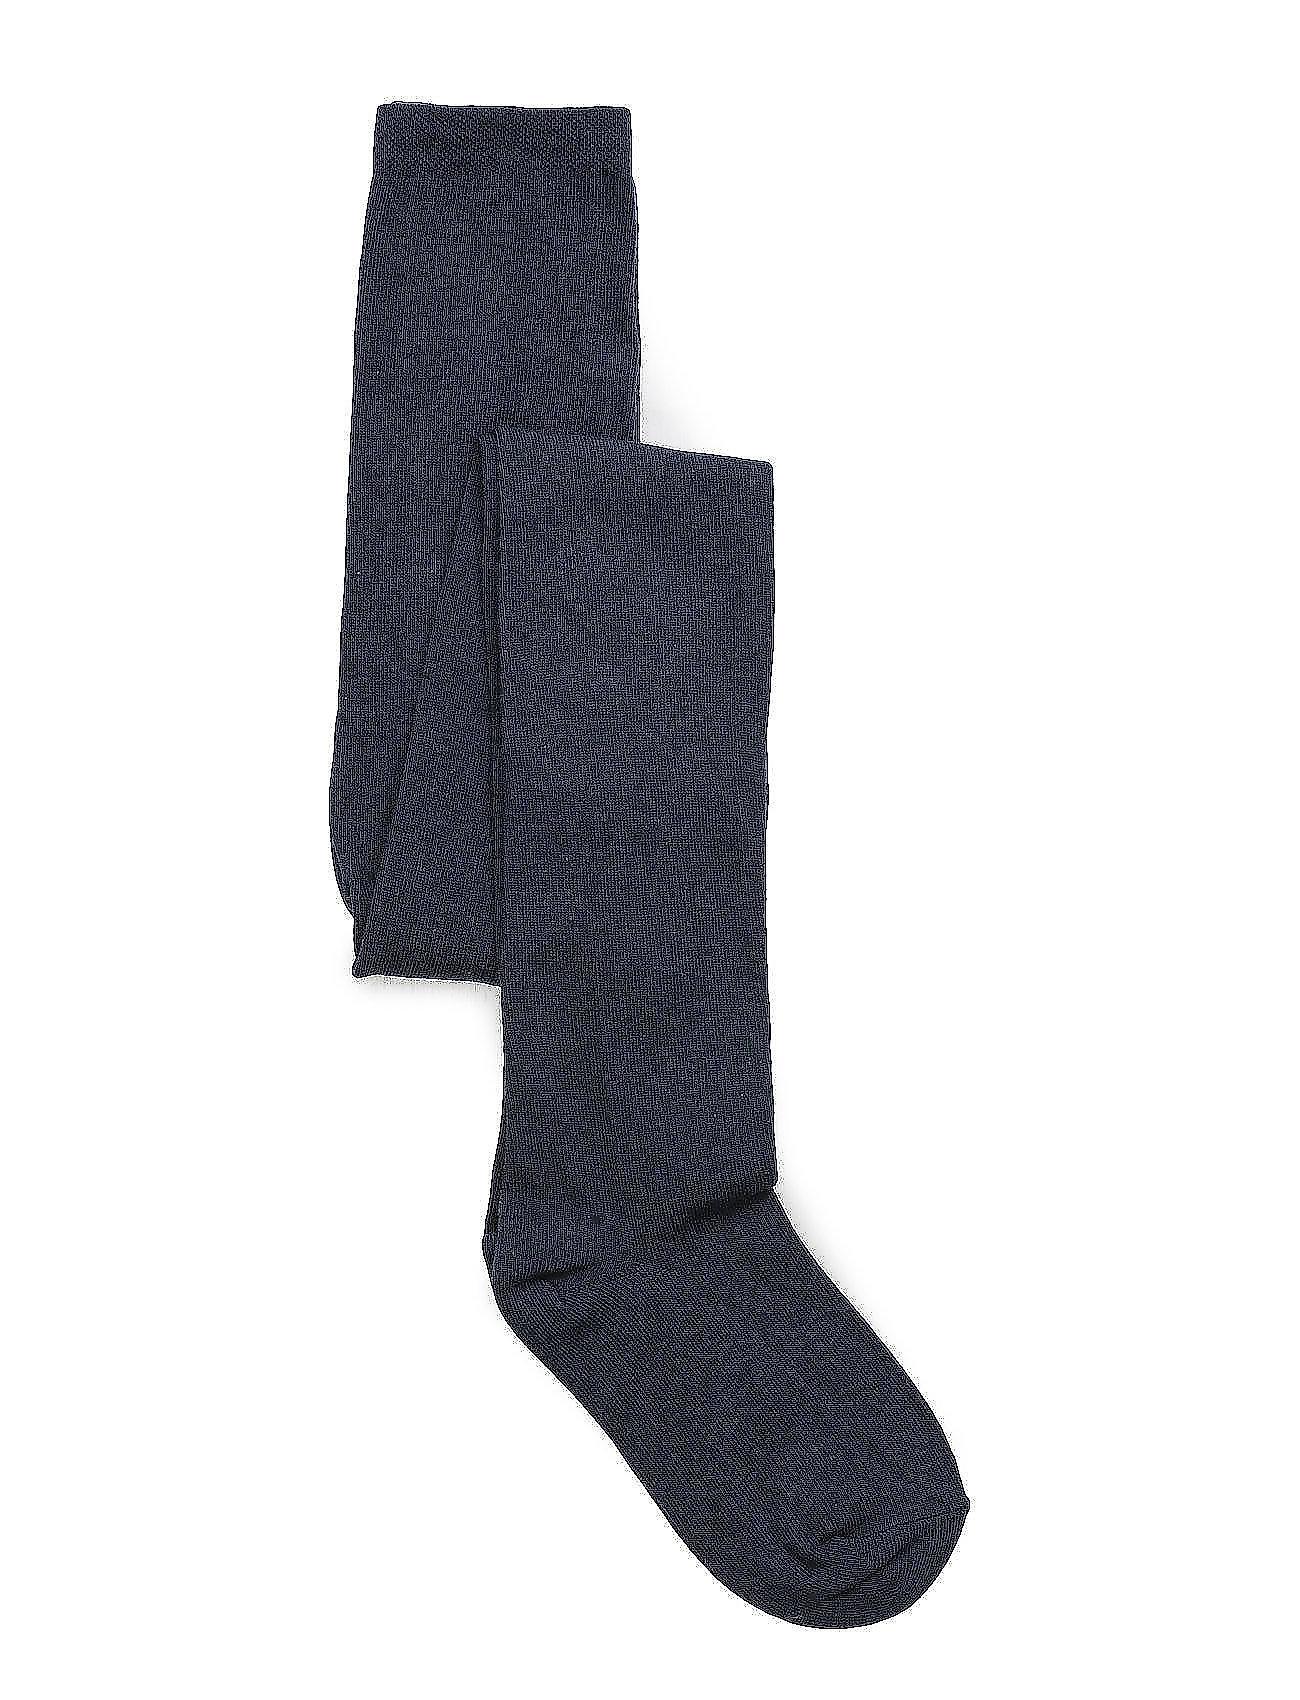 Image of Tight Night & Underwear Tights Blå Melton (3406112641)